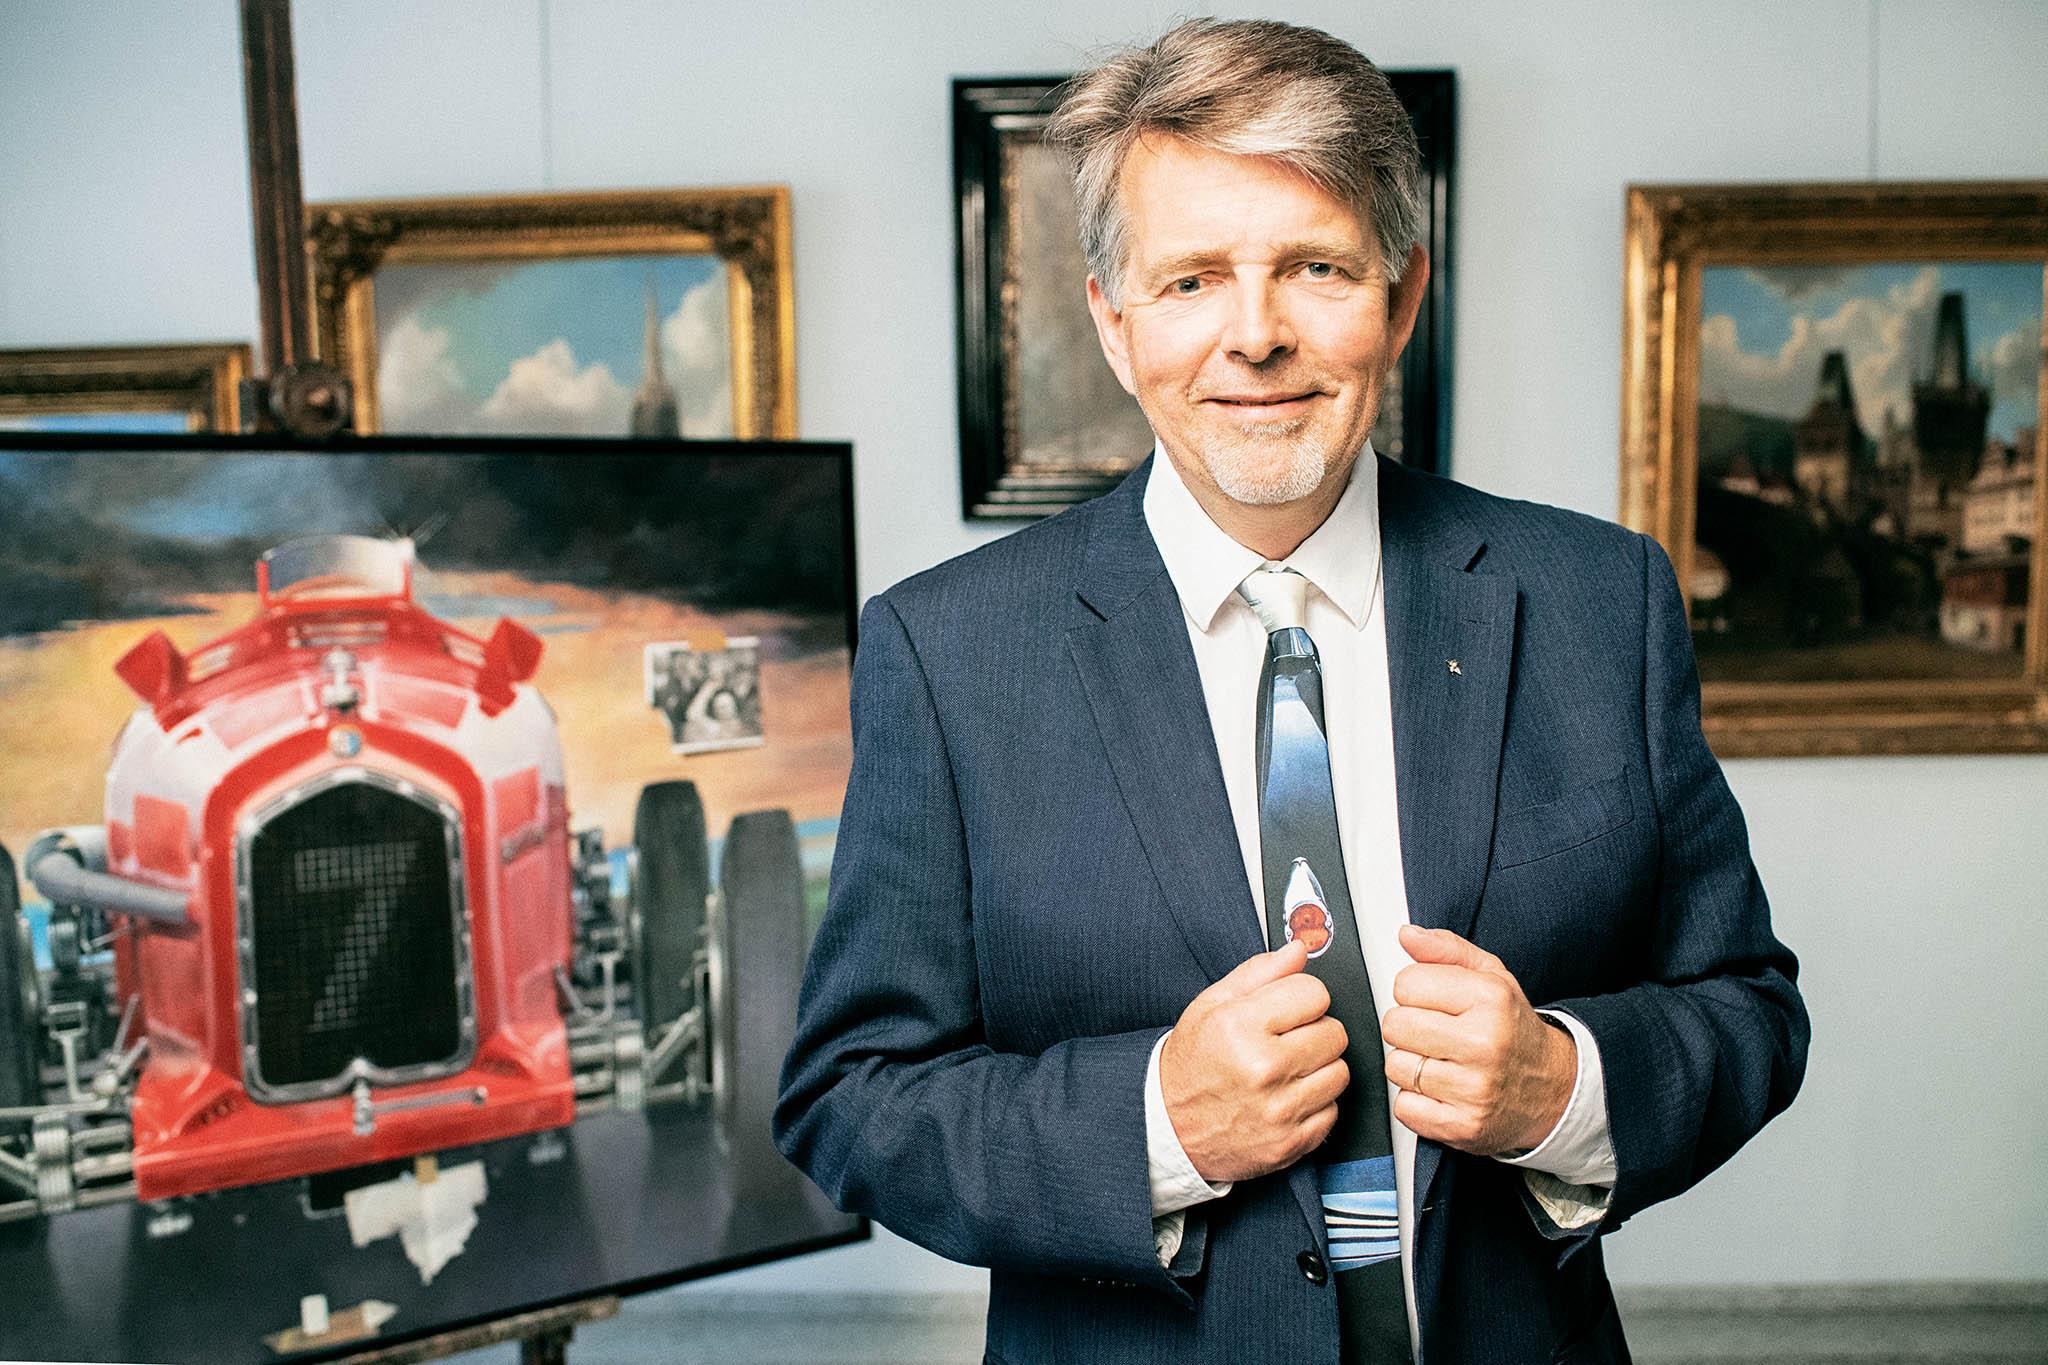 Martin Kodl u obrazu od Theodora Pištěka Adieu, Guy Moll (1992–2017)